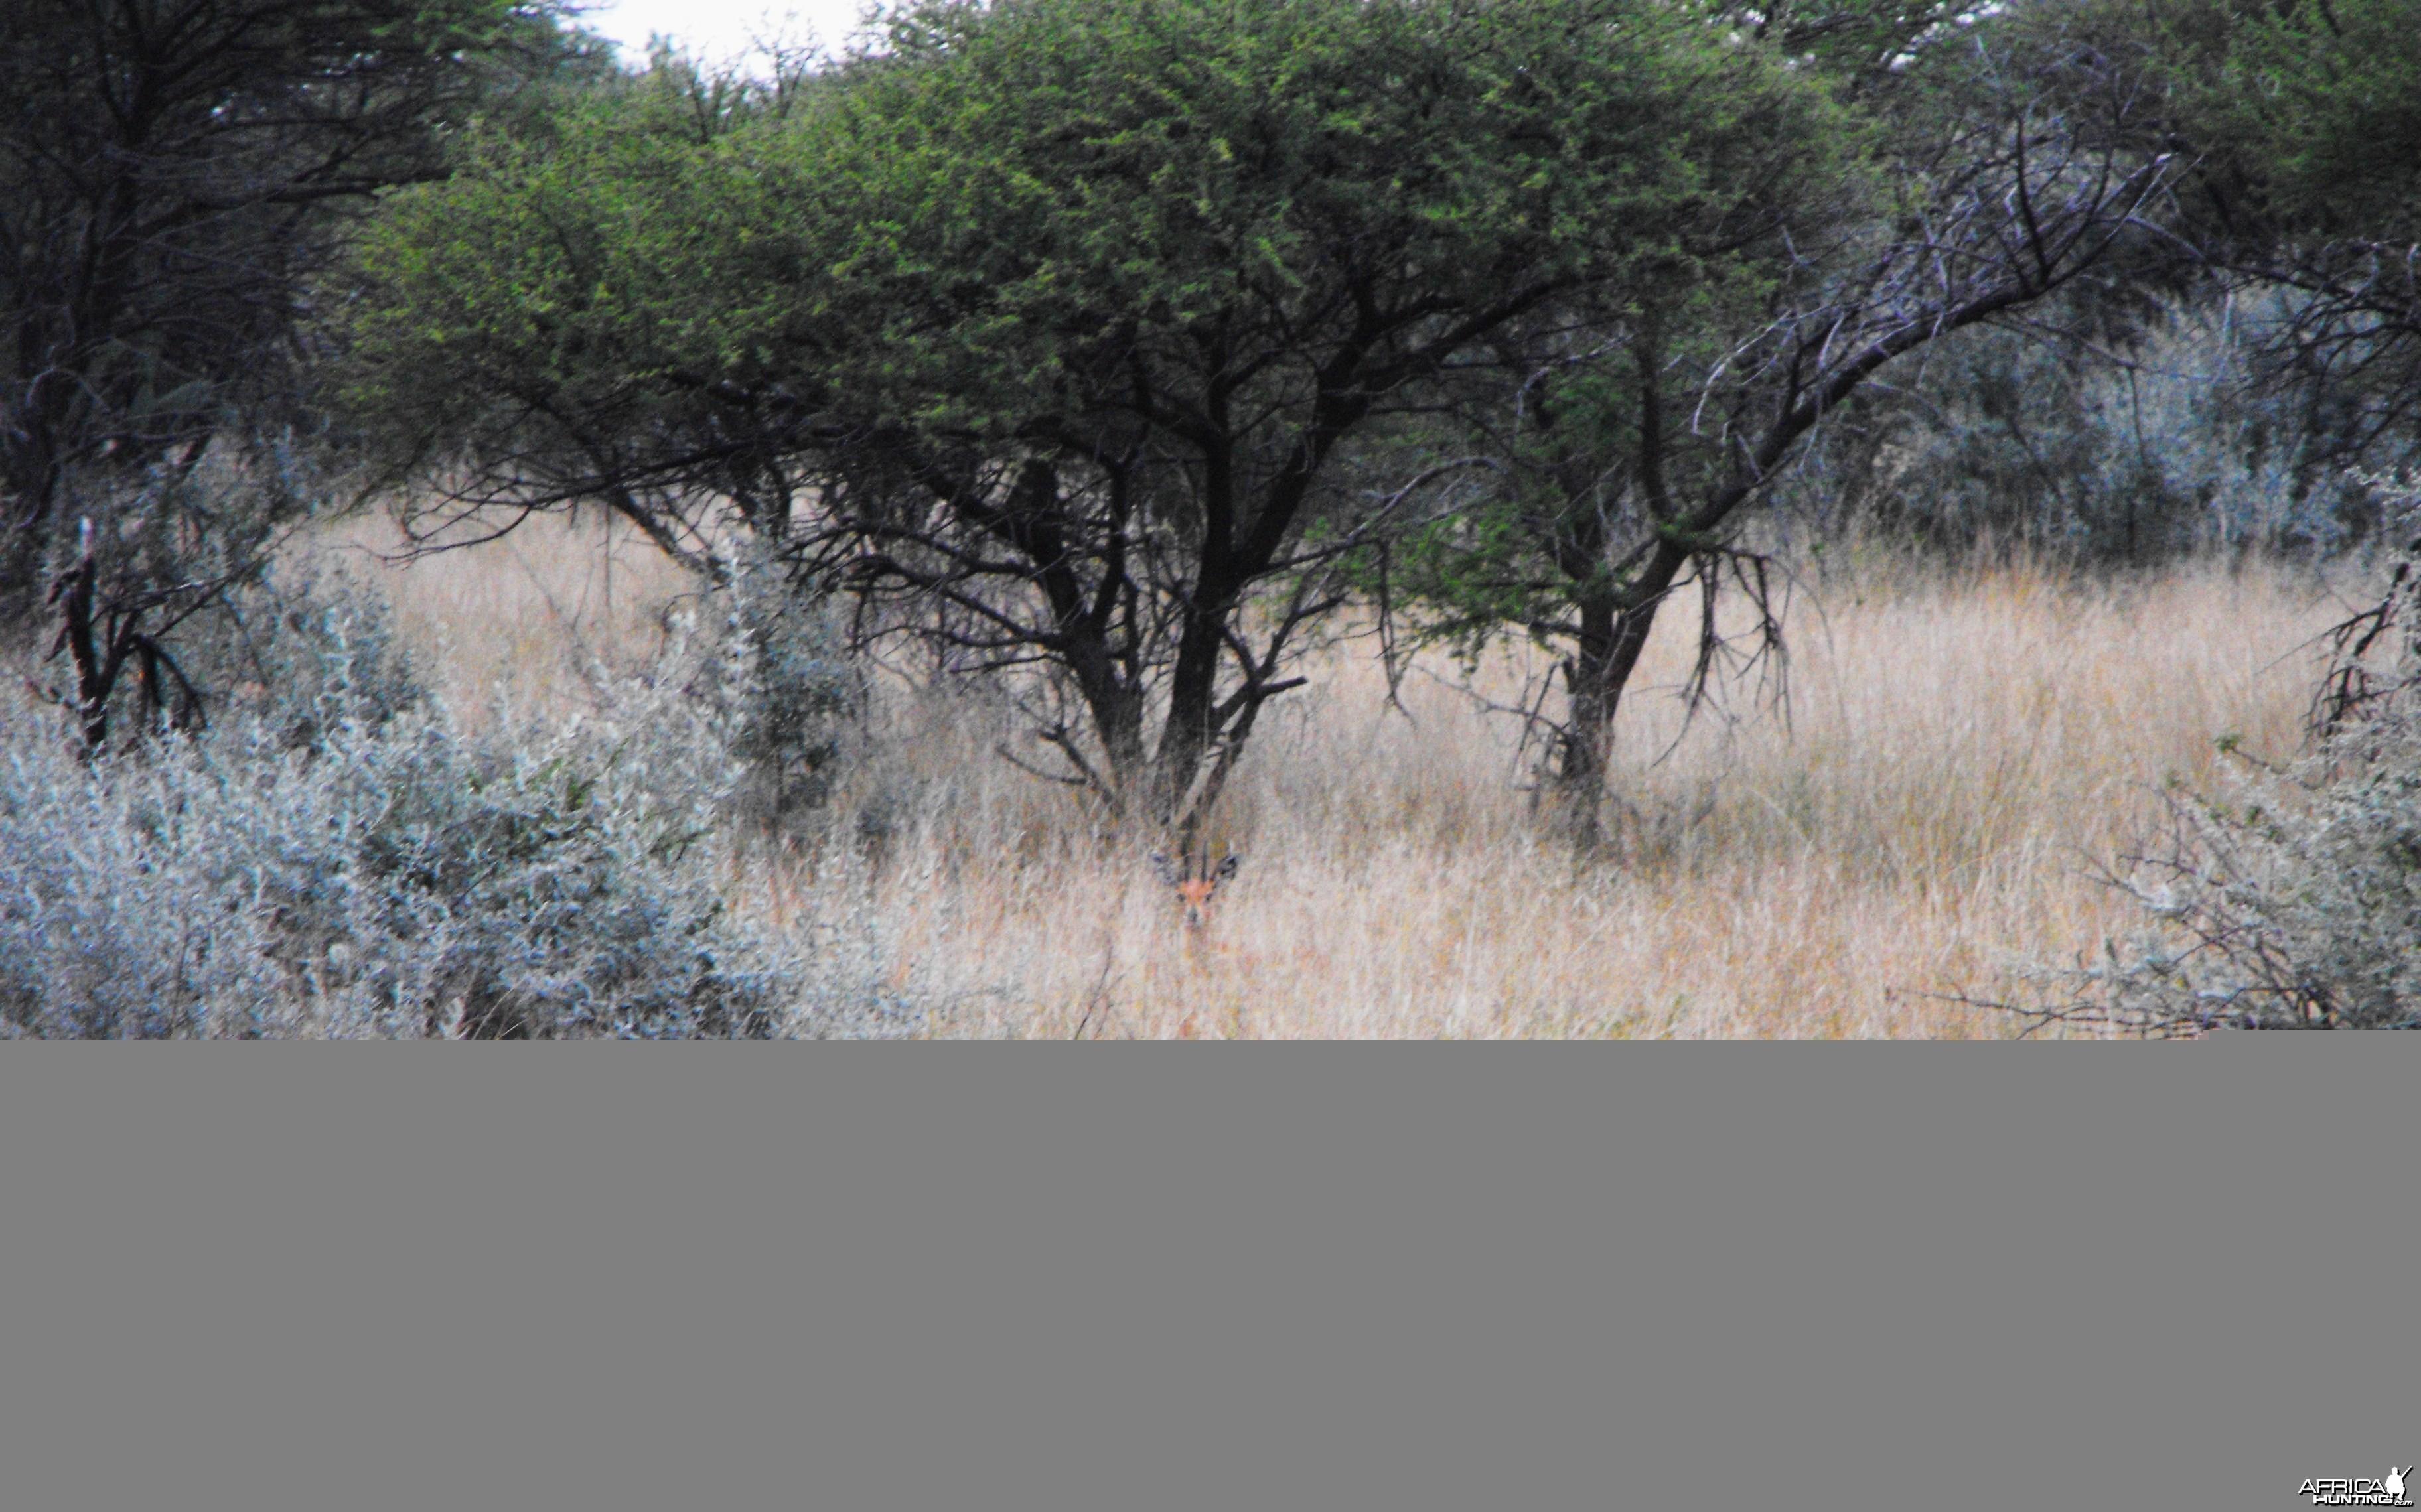 Nice Steenbok ram!